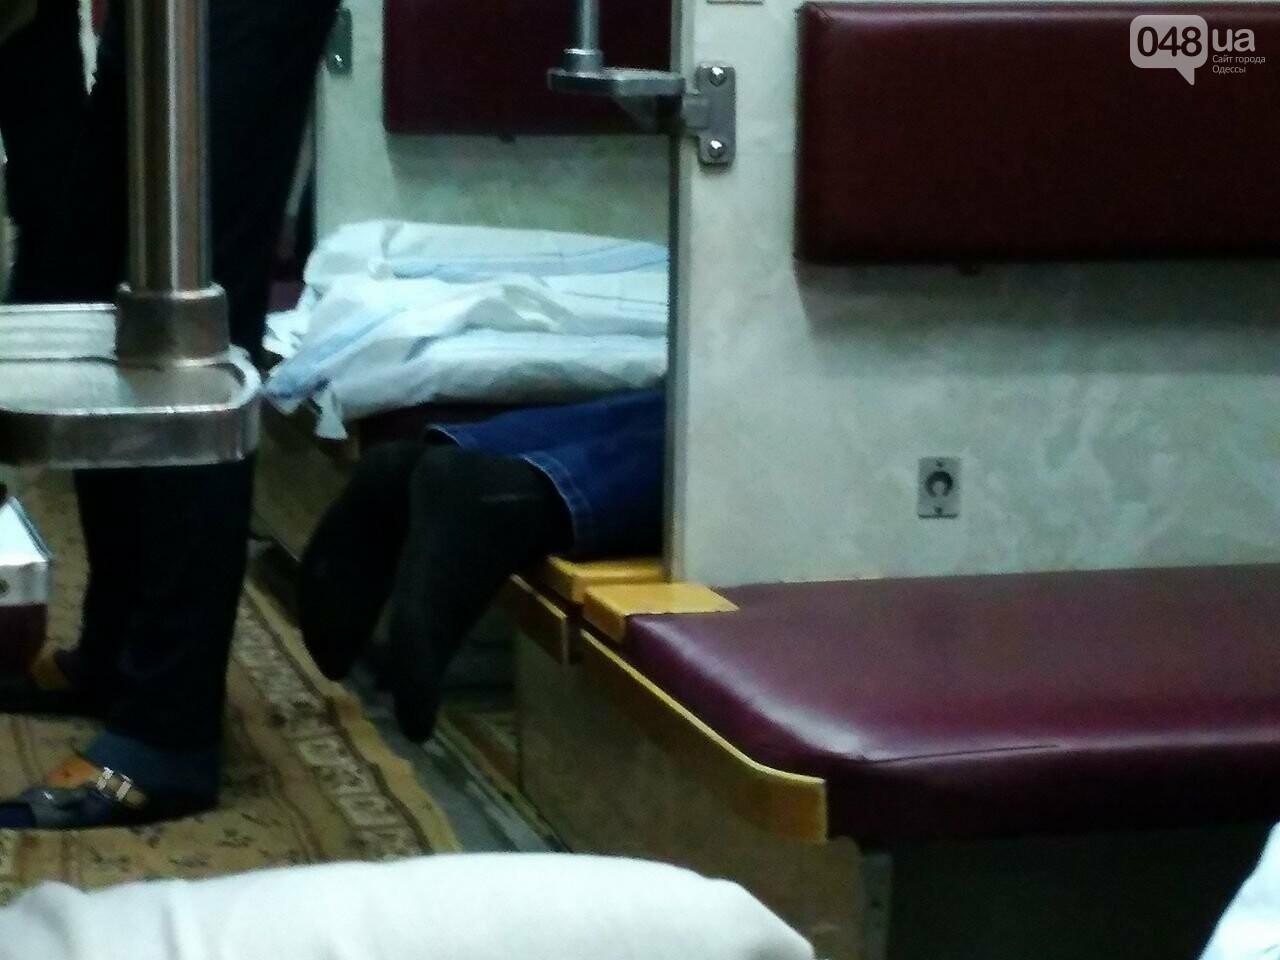 Одесситов возят в Днепр грязные и темные вагоны  (ФОТО) , фото-1